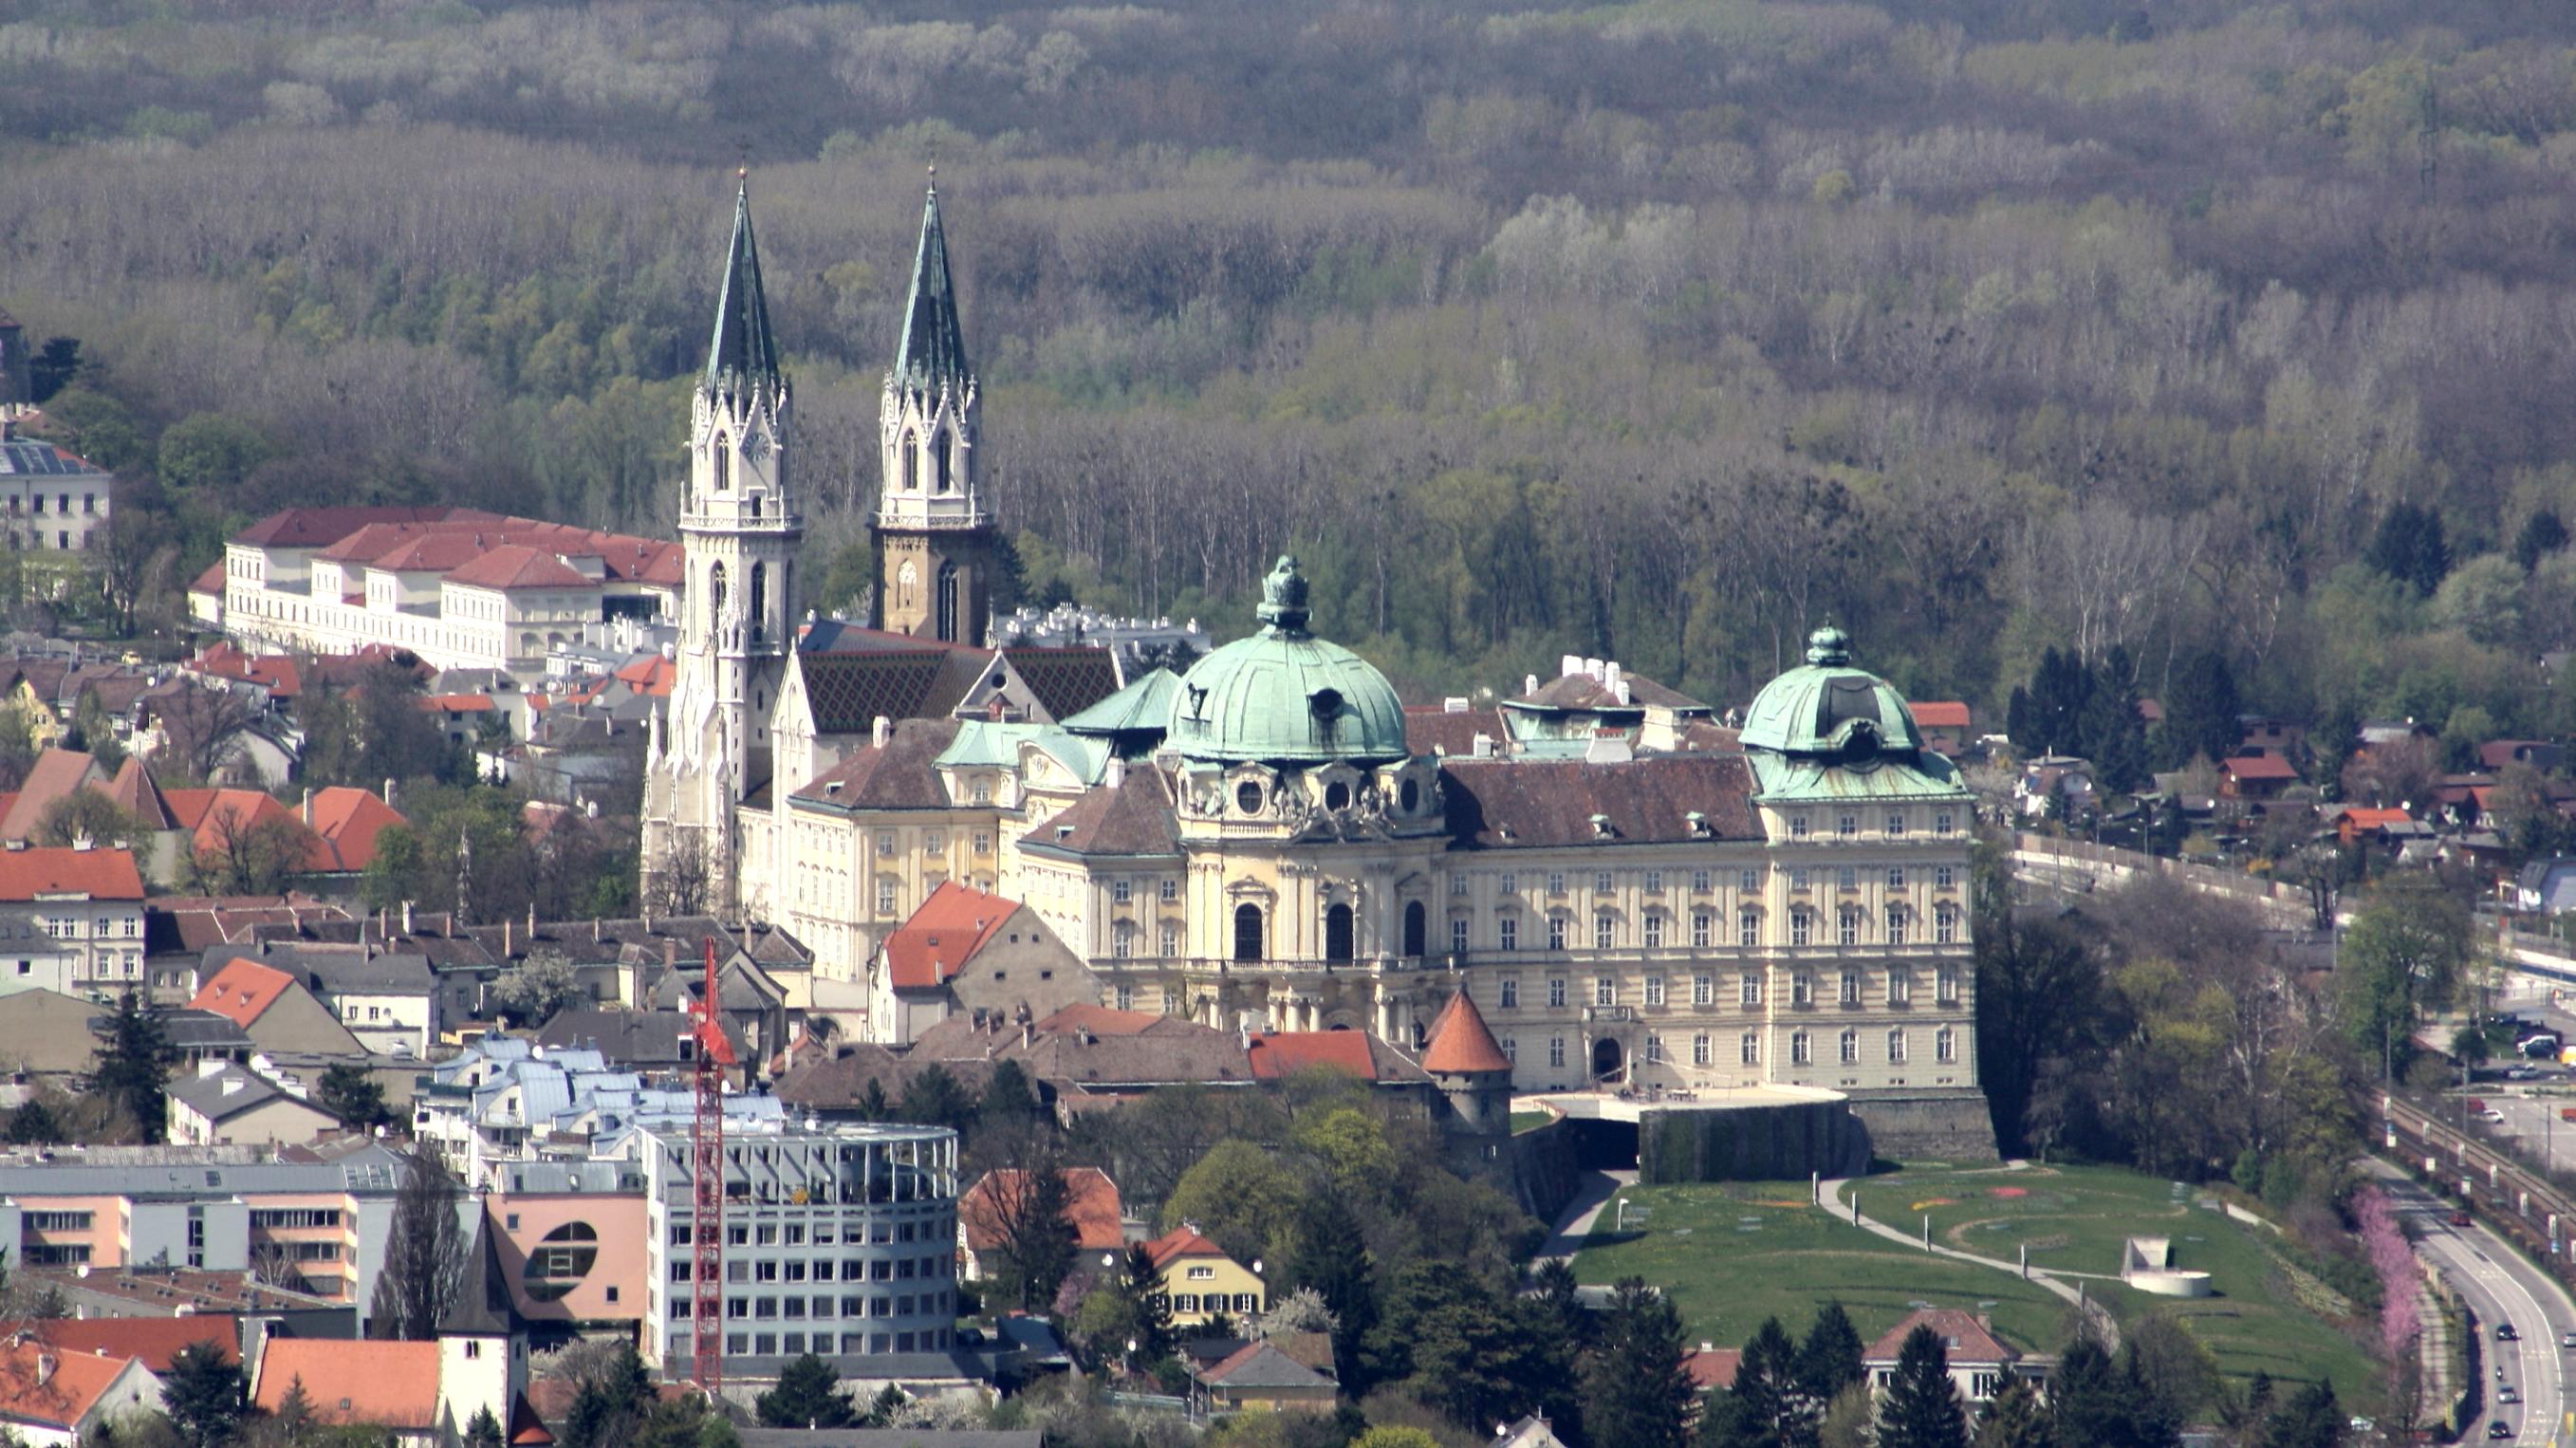 Klosterneuburg Monastery - Wikipedia